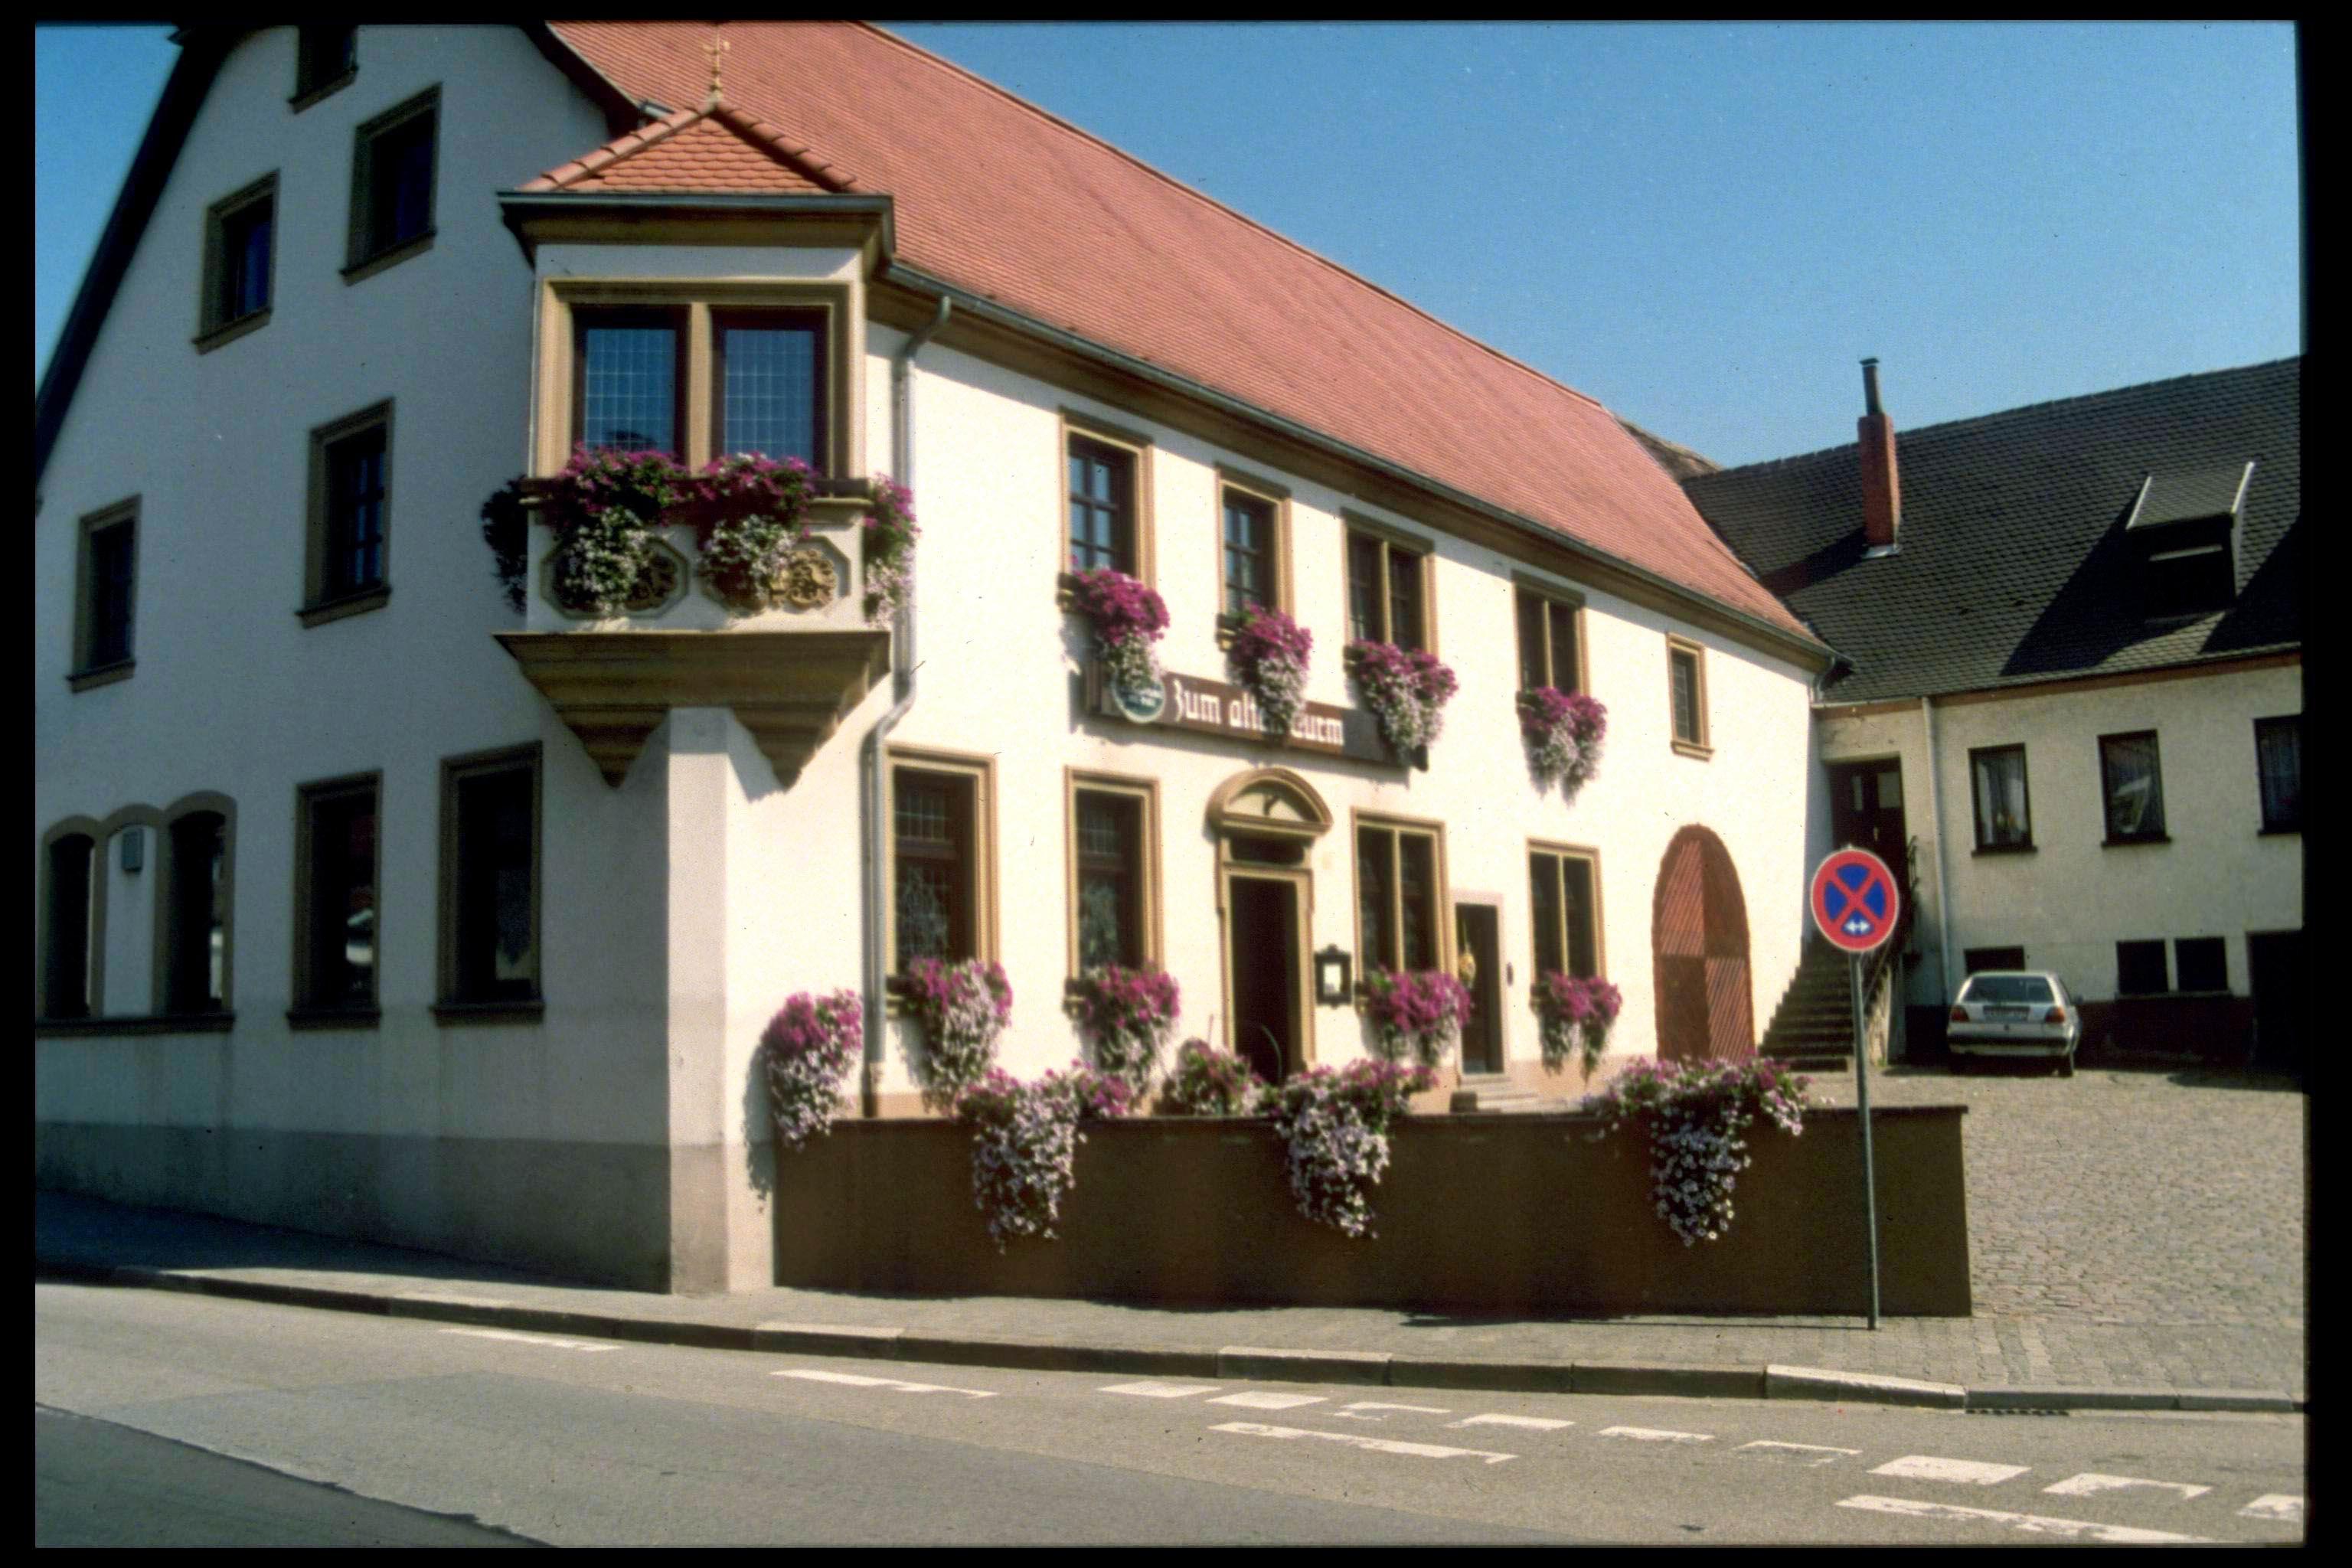 Gastronomie in Lautzkirchen